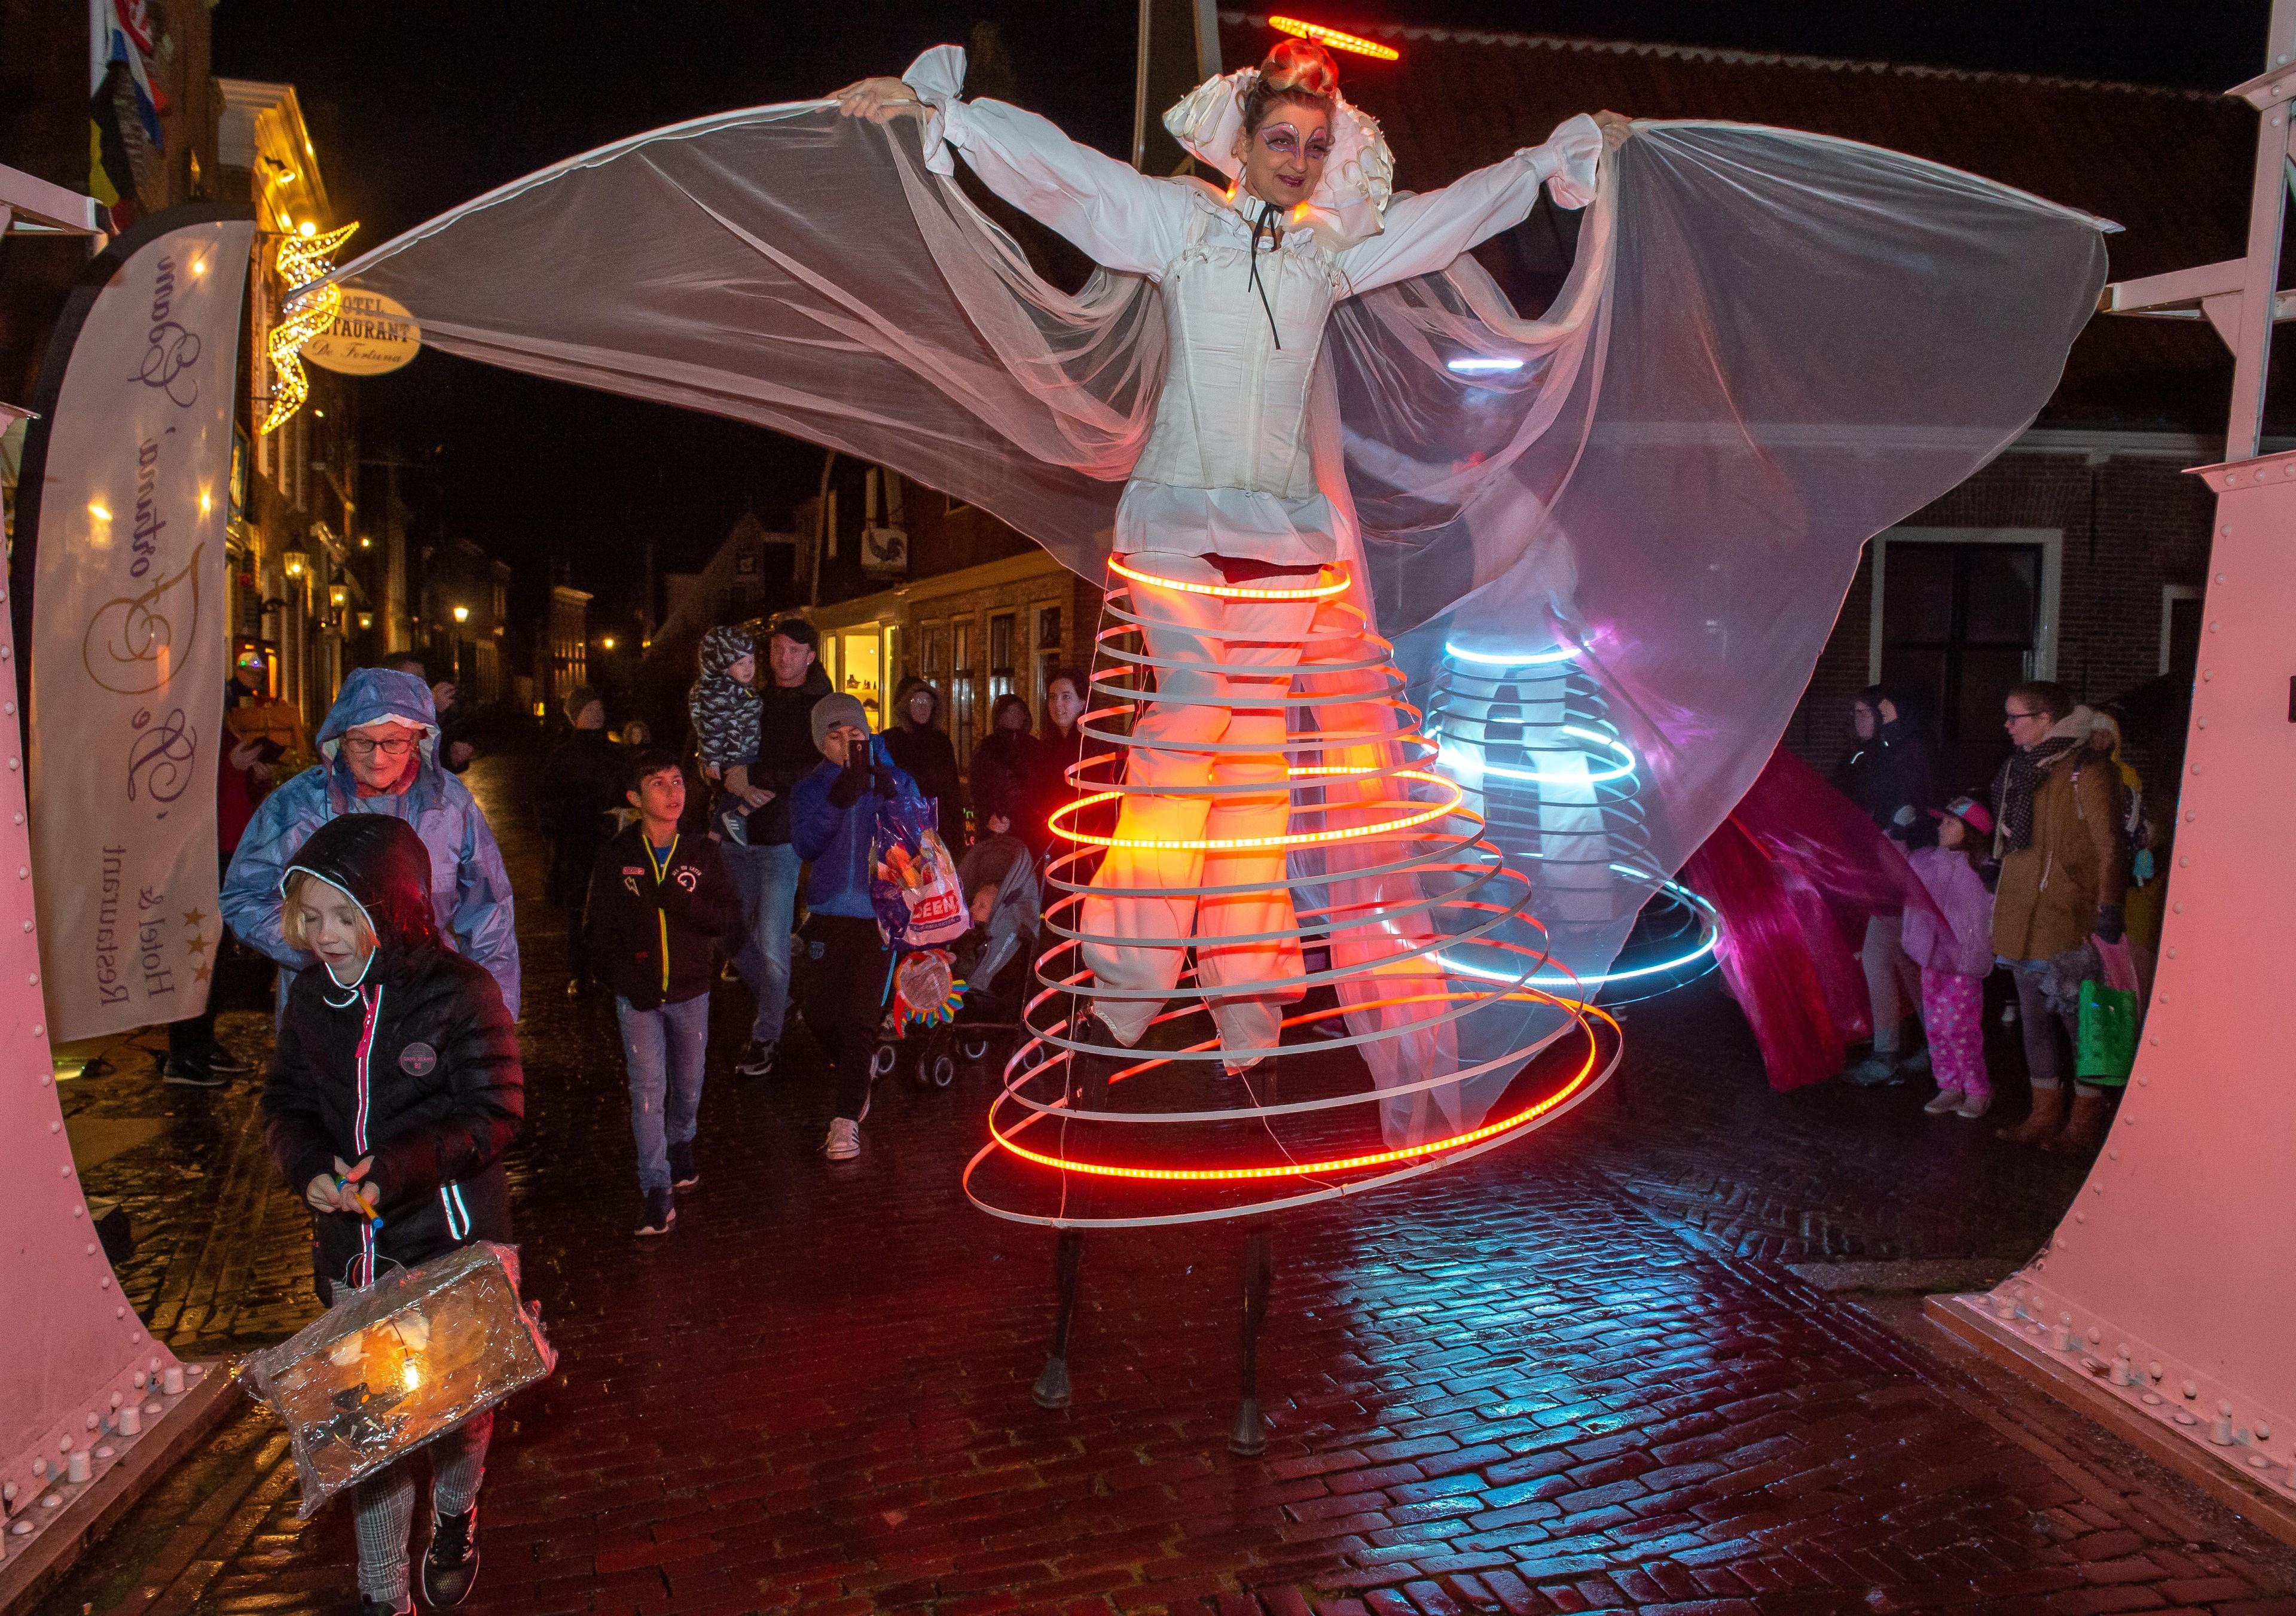 Verlichte engelen luisteren Sint-Maarten in Edam op - Noordhollands Dagblad